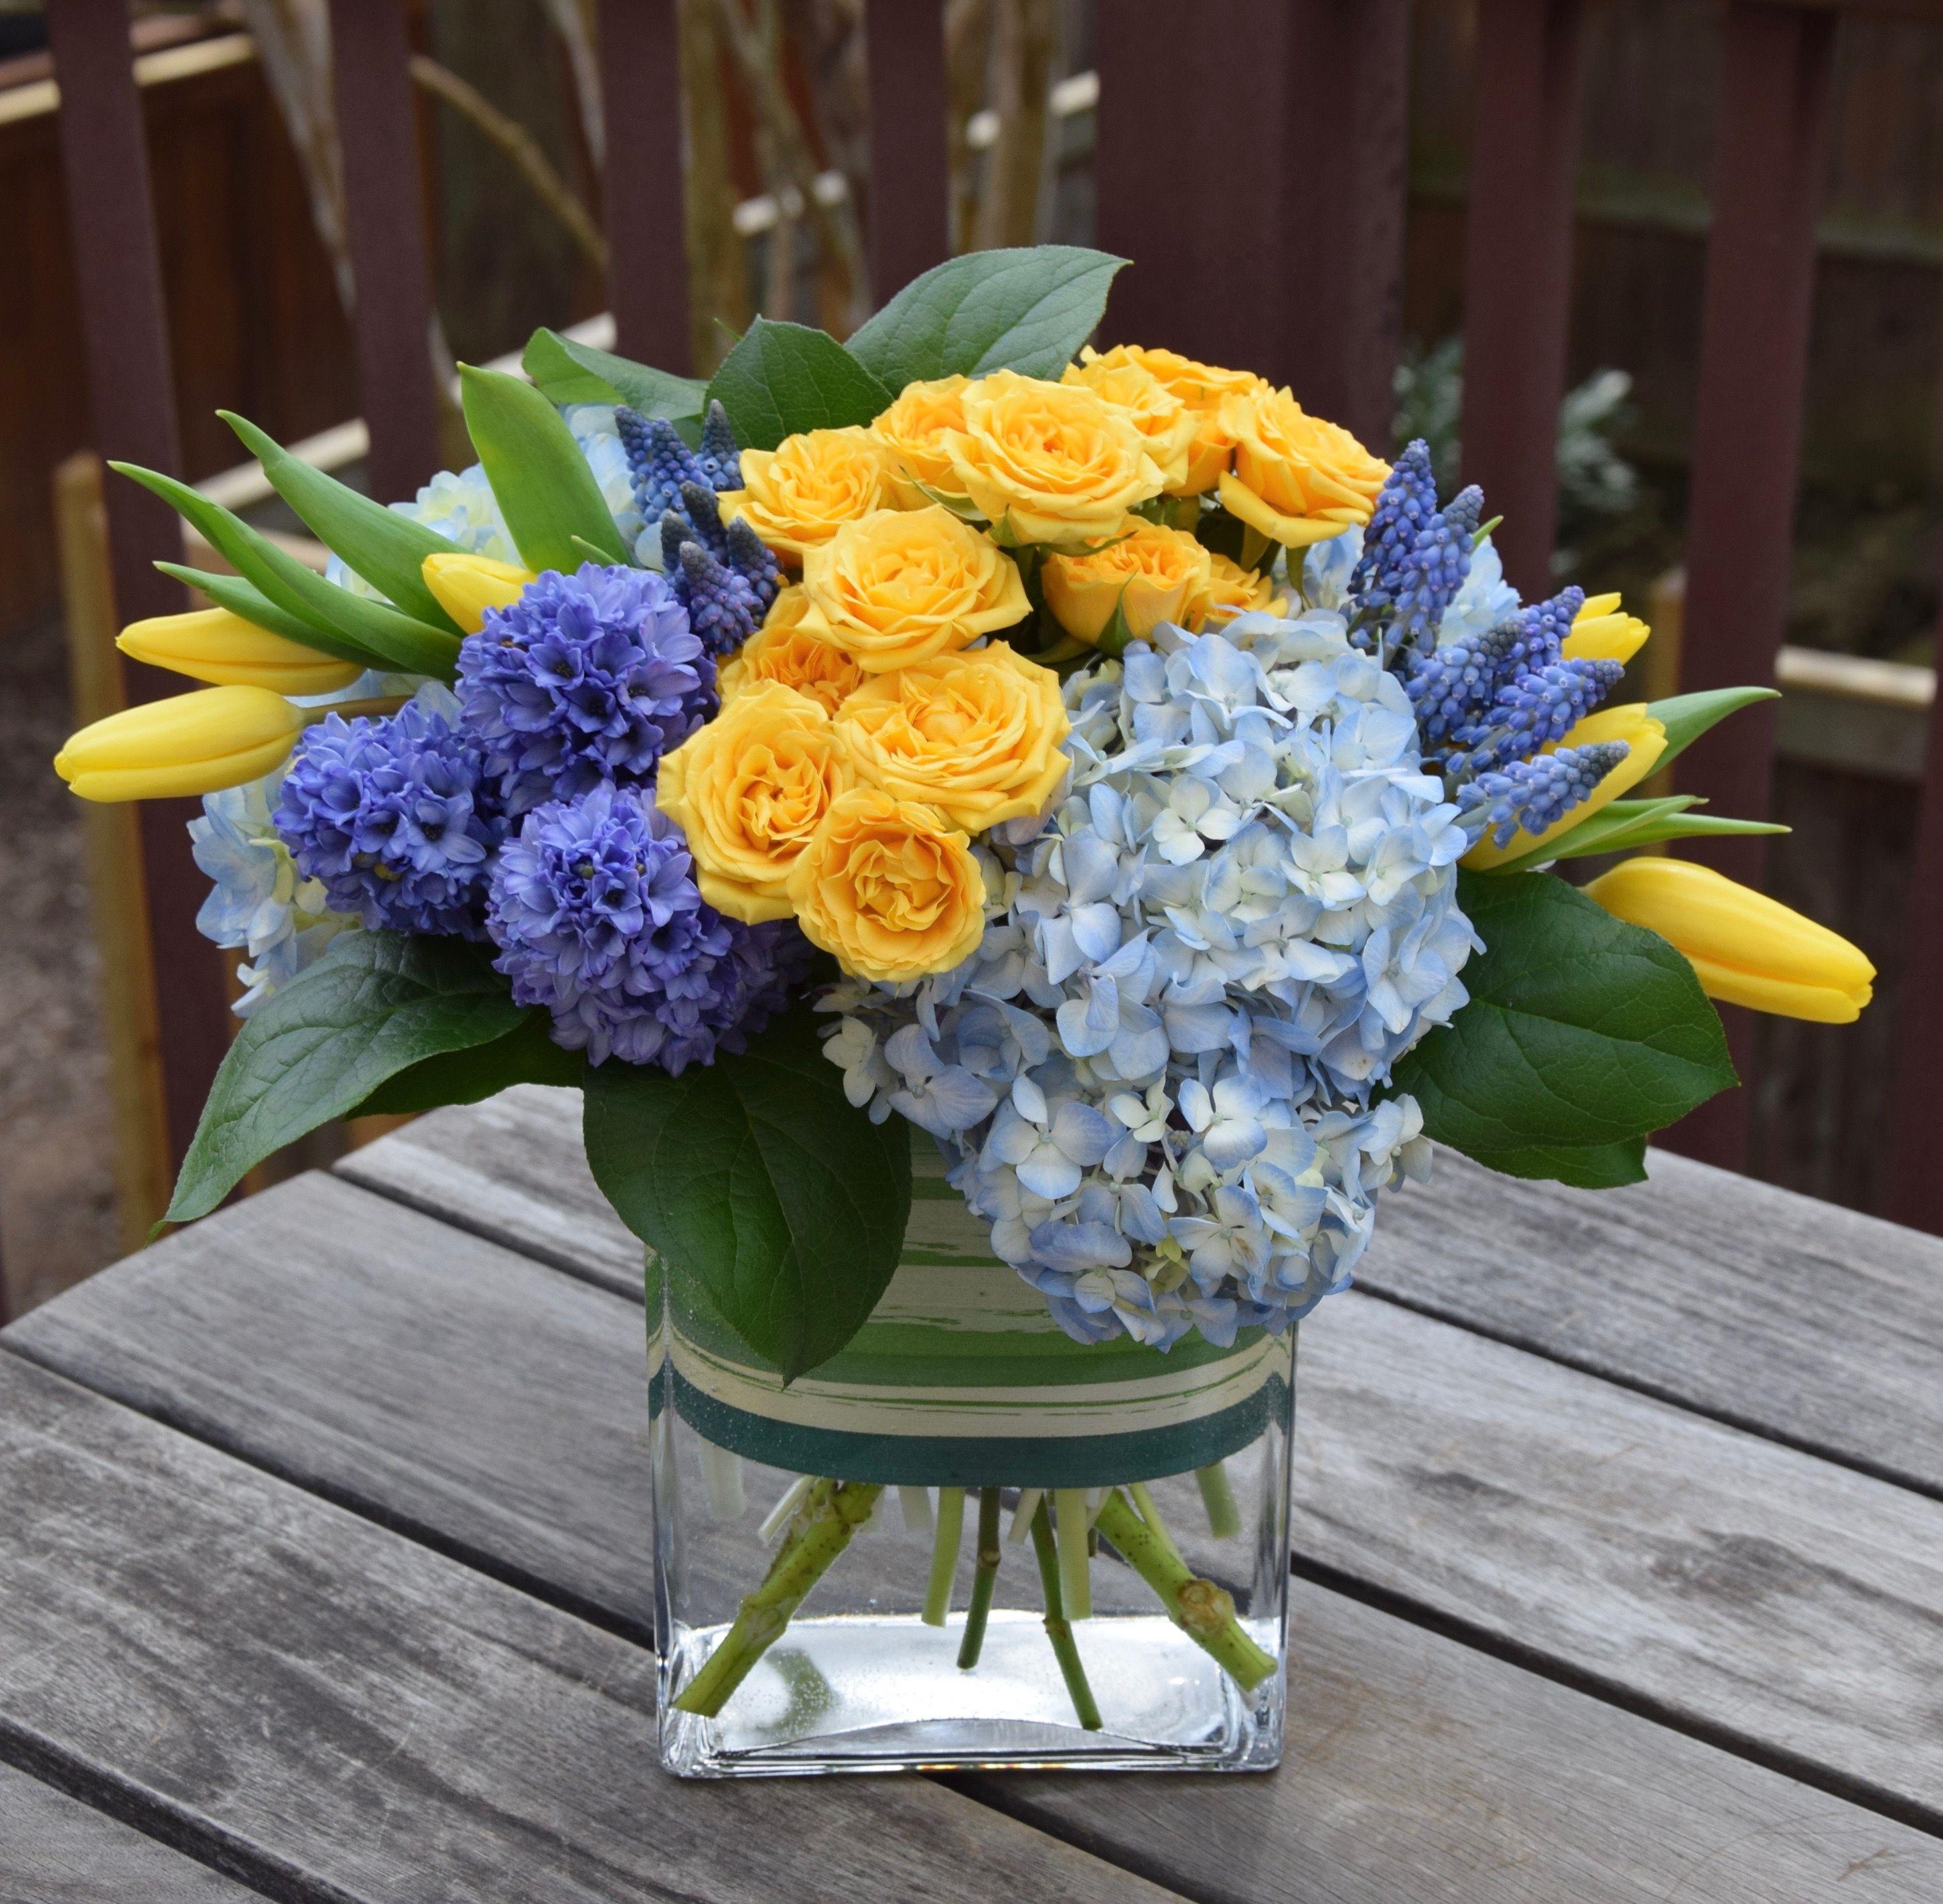 Sympathy Flower Arrangement With Hyacinths Hydrangeas Muscari Tulips And Spray Roses Fresh Flowers Arrangements Flower Arrangements Sympathy Flowers